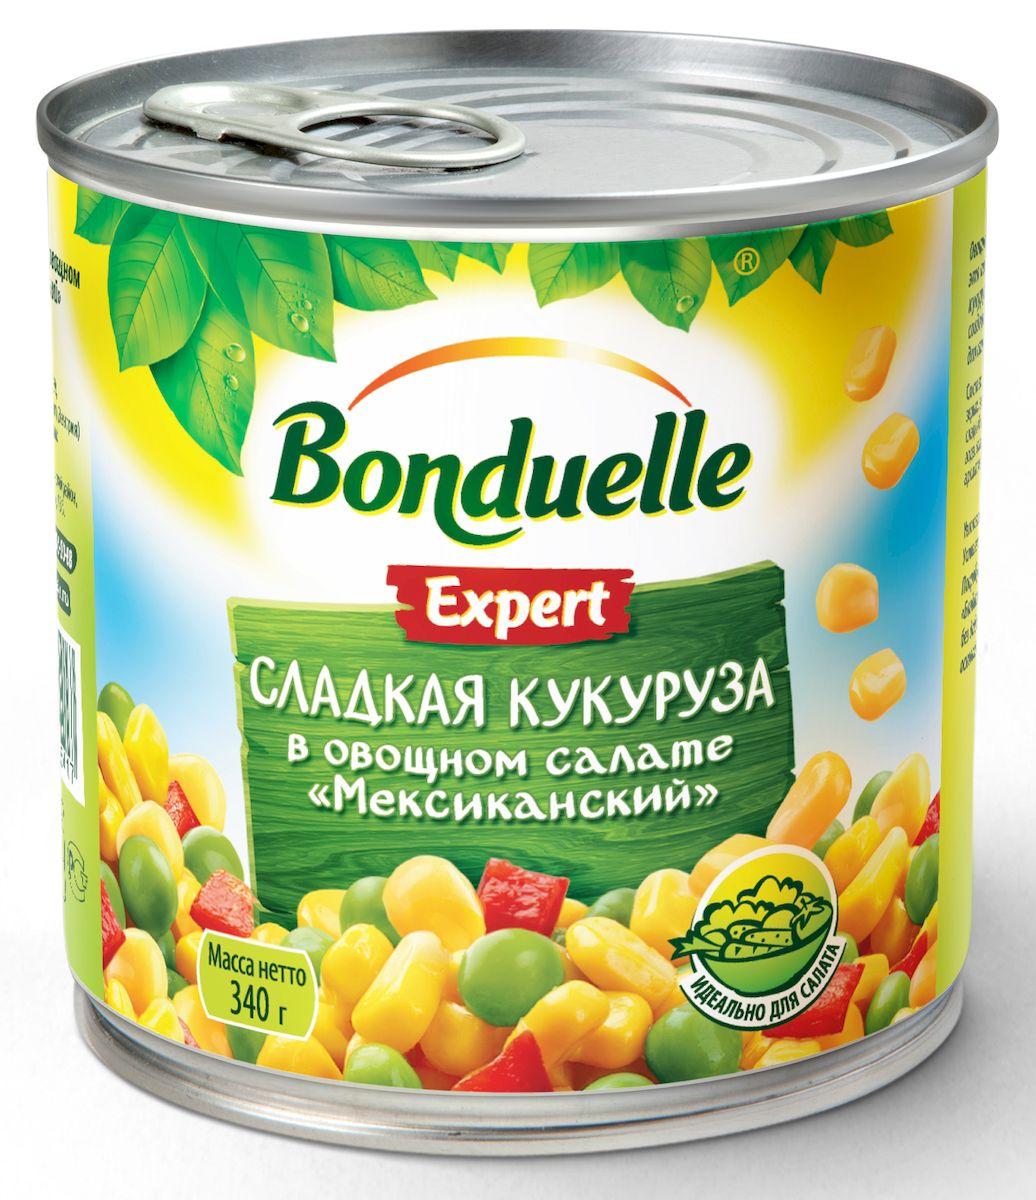 Bonduelle овощная смесь